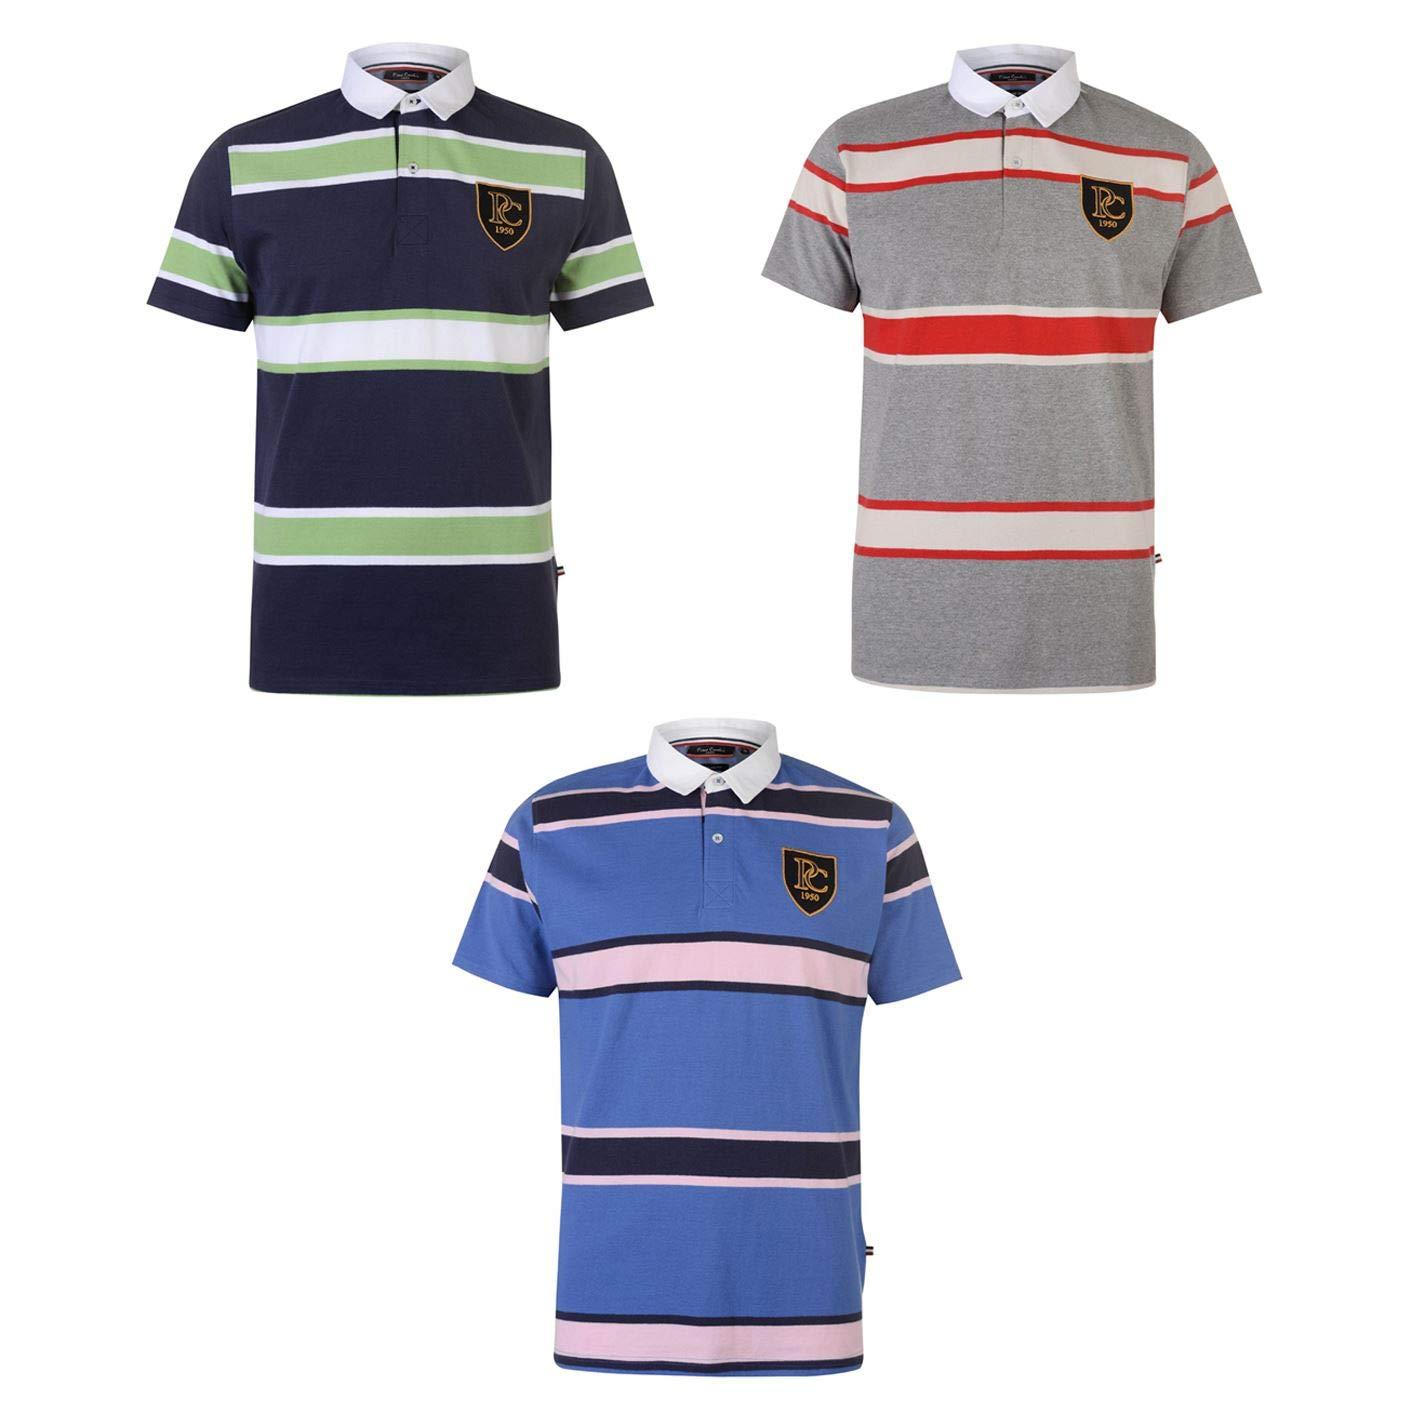 Pierre Cardin SS - Polo de Rugby para Hombre (Talla pequeña ...